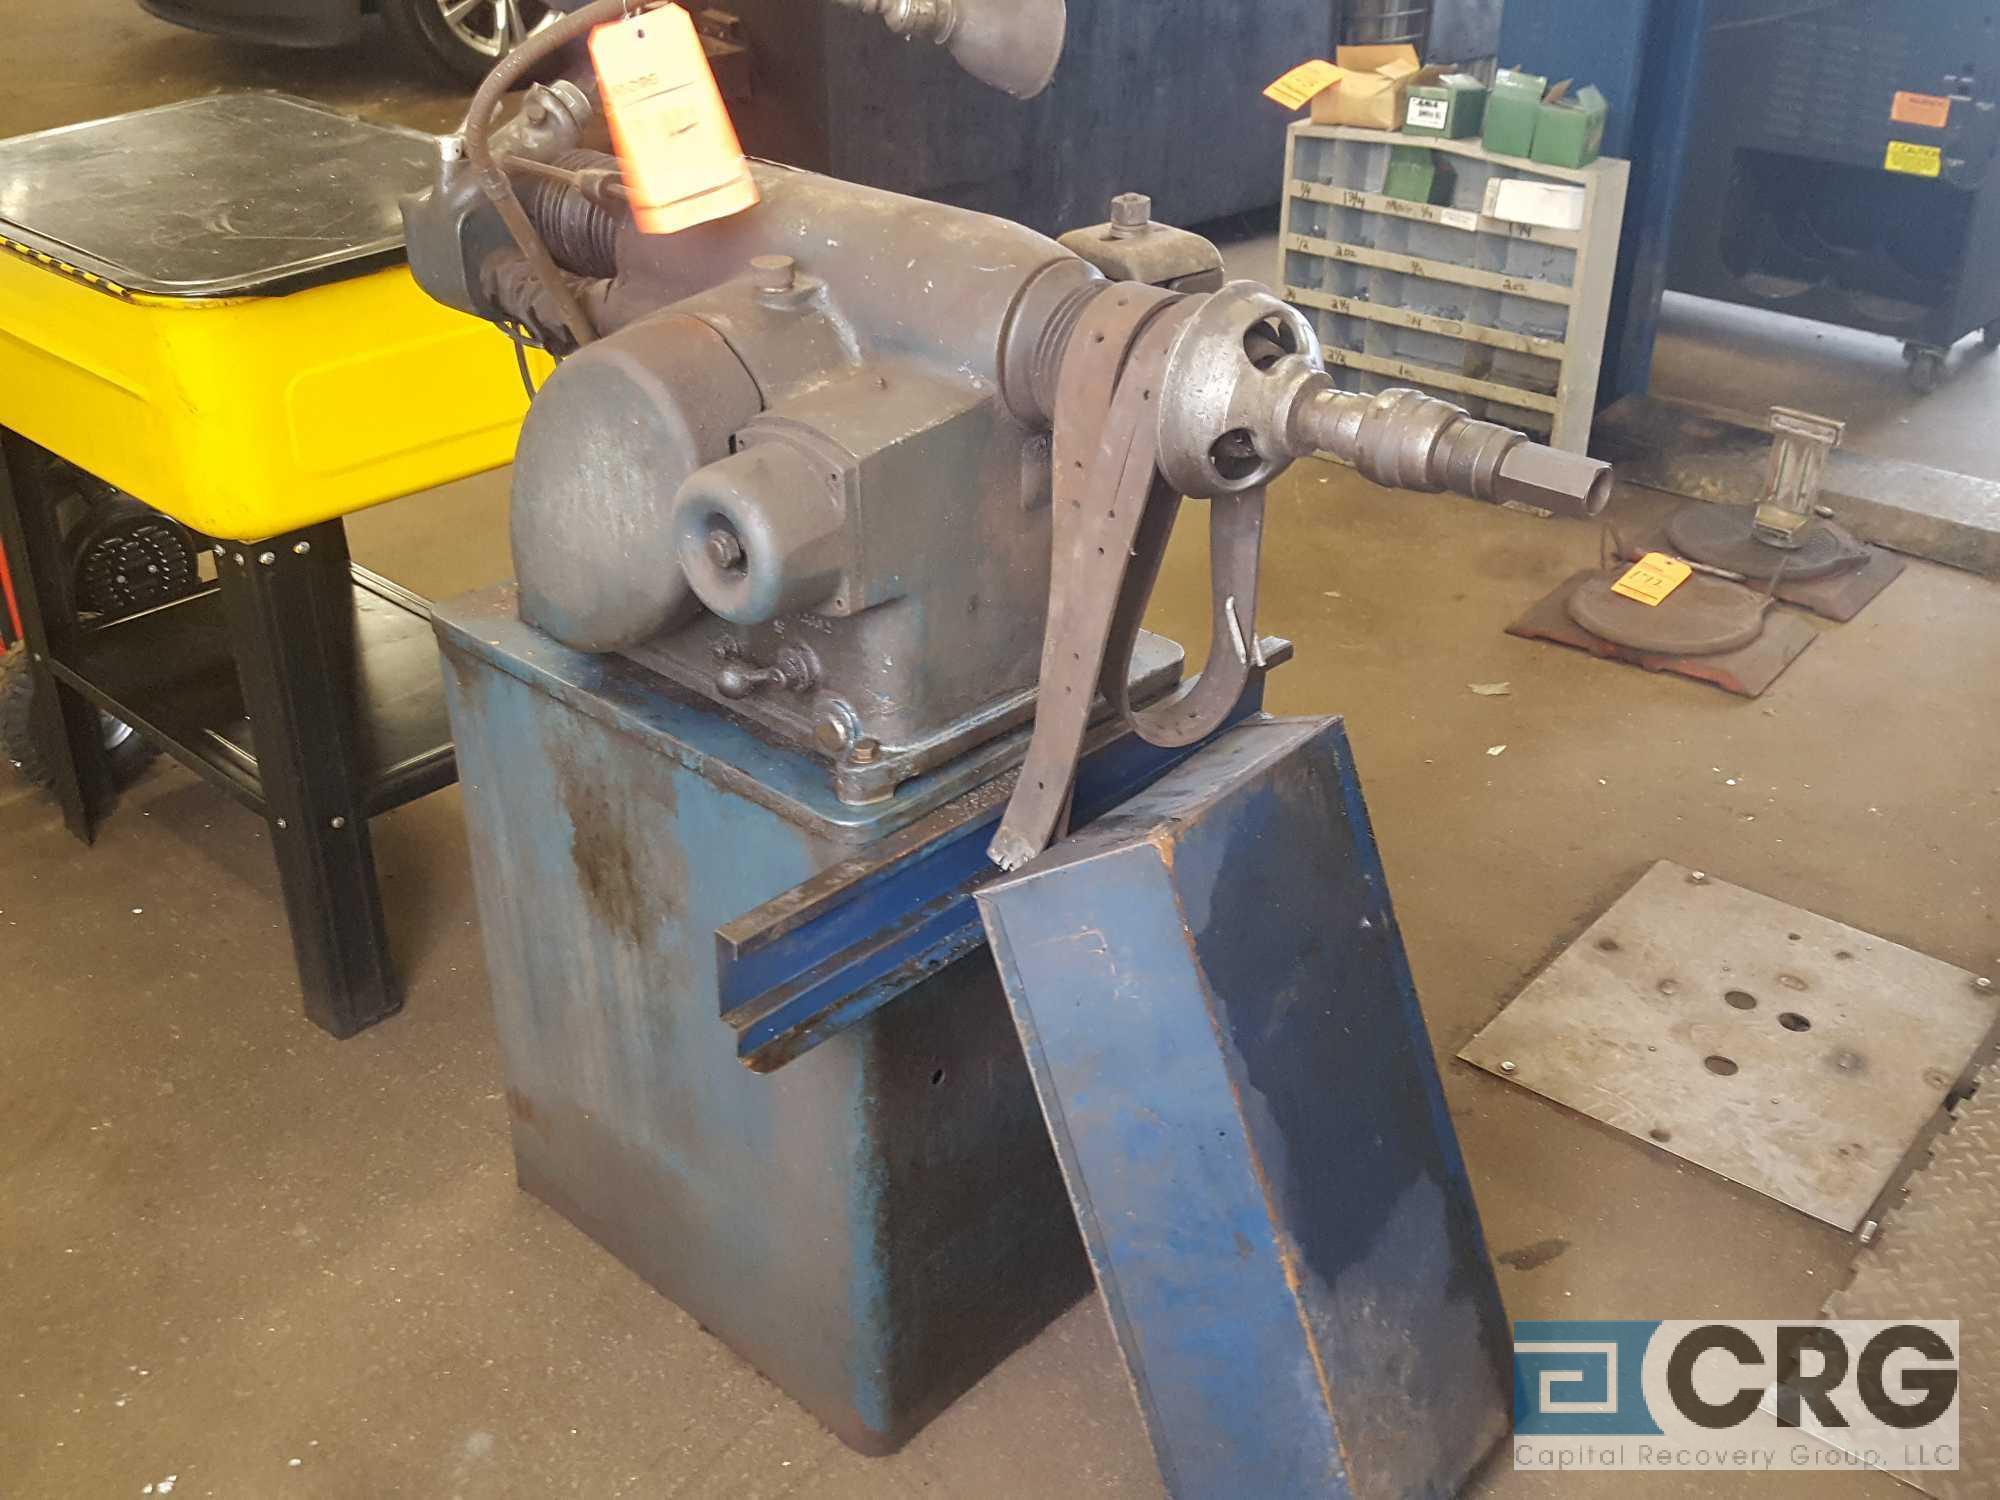 Ammco 3000 brake lathe, 1 ph, s/n 4455 - Image 4 of 4